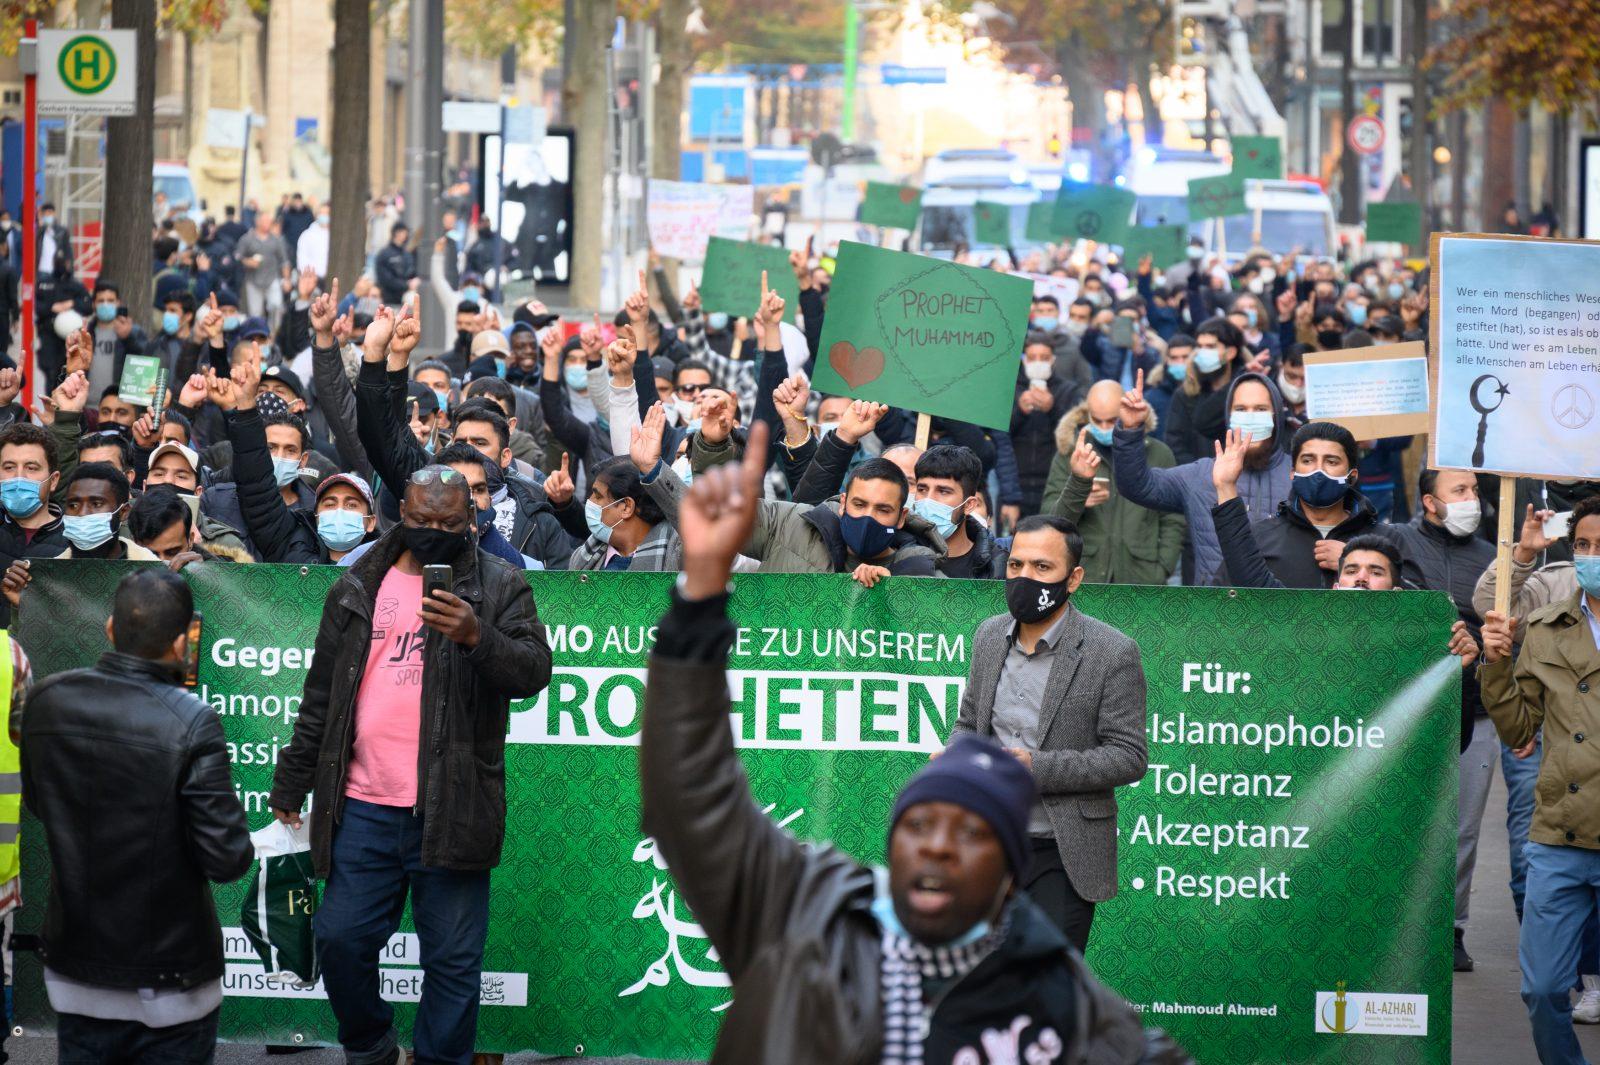 Islamisten demonstrieren in Hamburg: Islamistische Gefahr weiterhin hoch